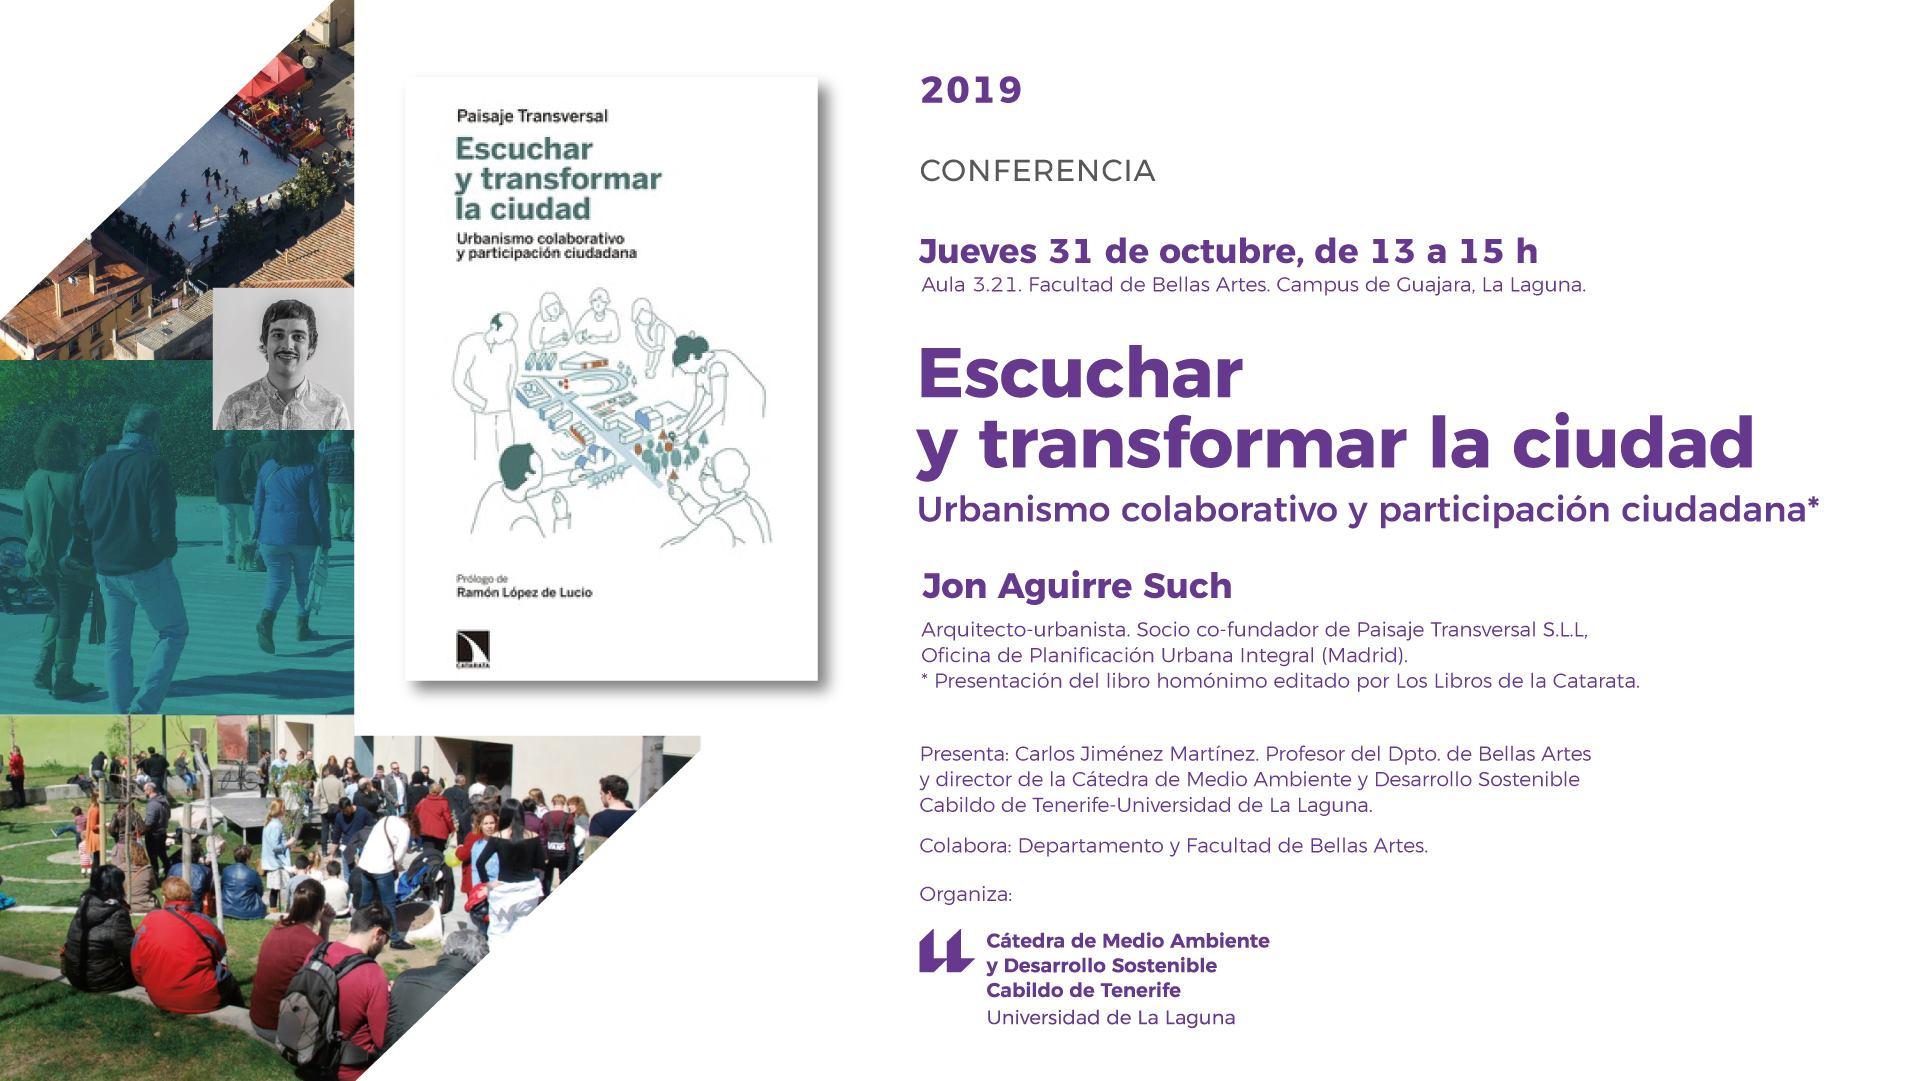 El arquitecto y urbanista Jon Aguirre Such presenta hoy la conferencia y libro «Escuchar y transformar la ciudad. Paisaje Transversal» en la Universidad de La Laguna // CanariasCreativa.com